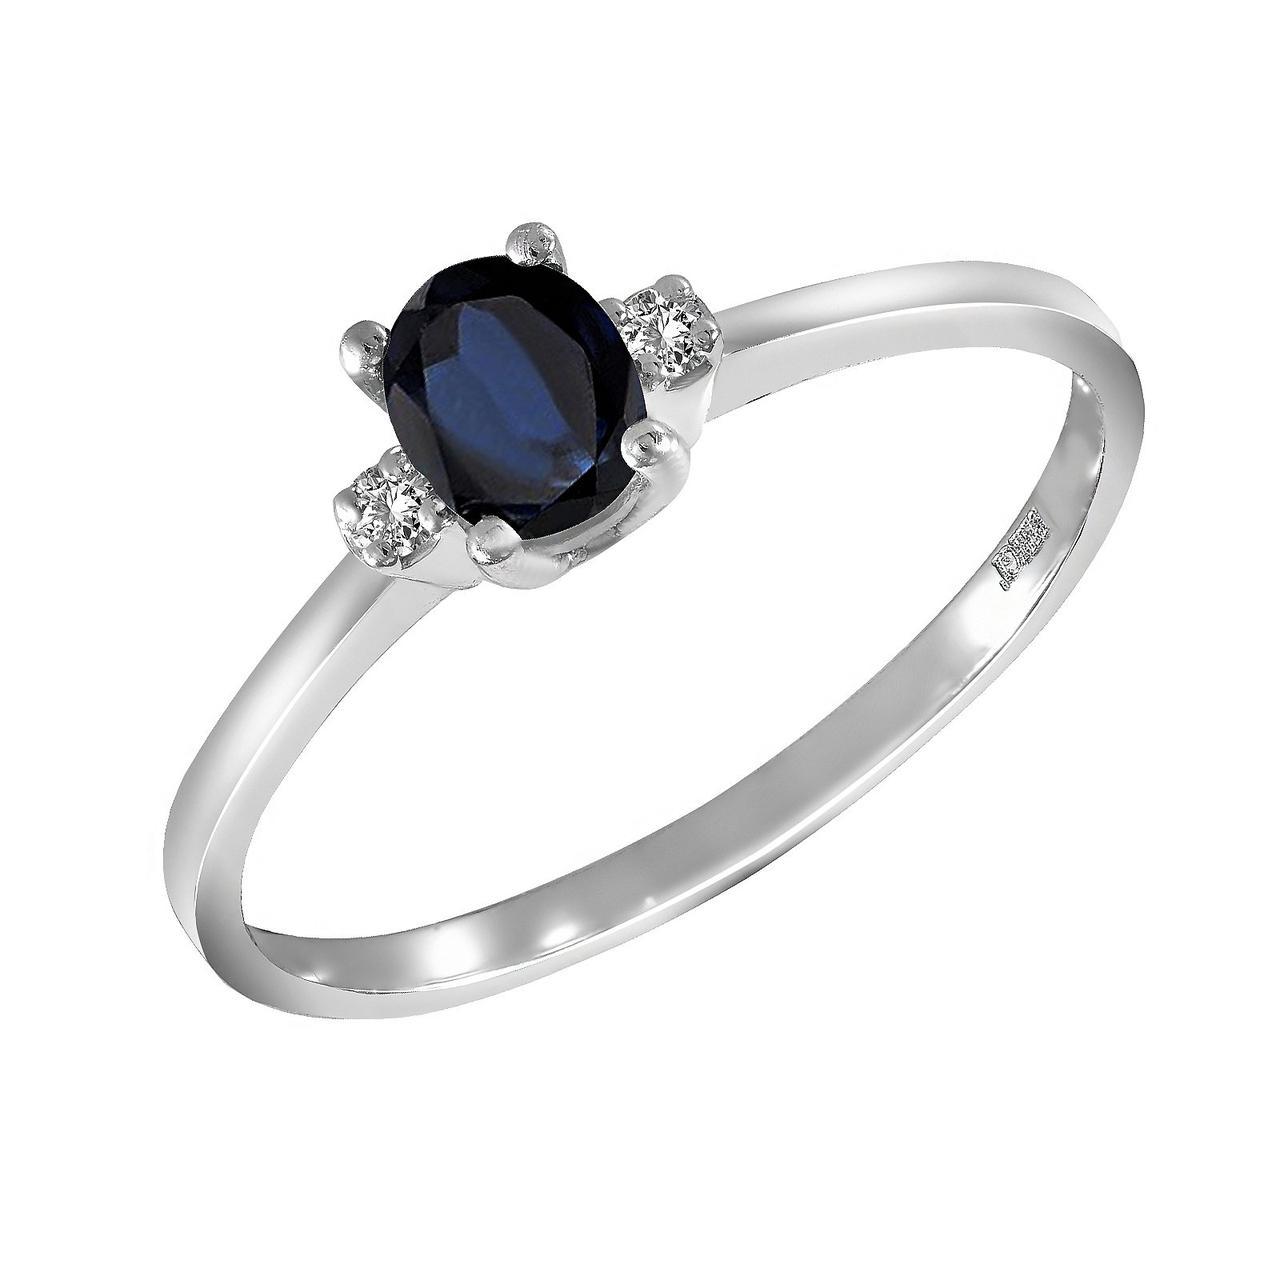 Золотое кольцо с бриллиантами и сапфиром, размер 16.5 (1682173)